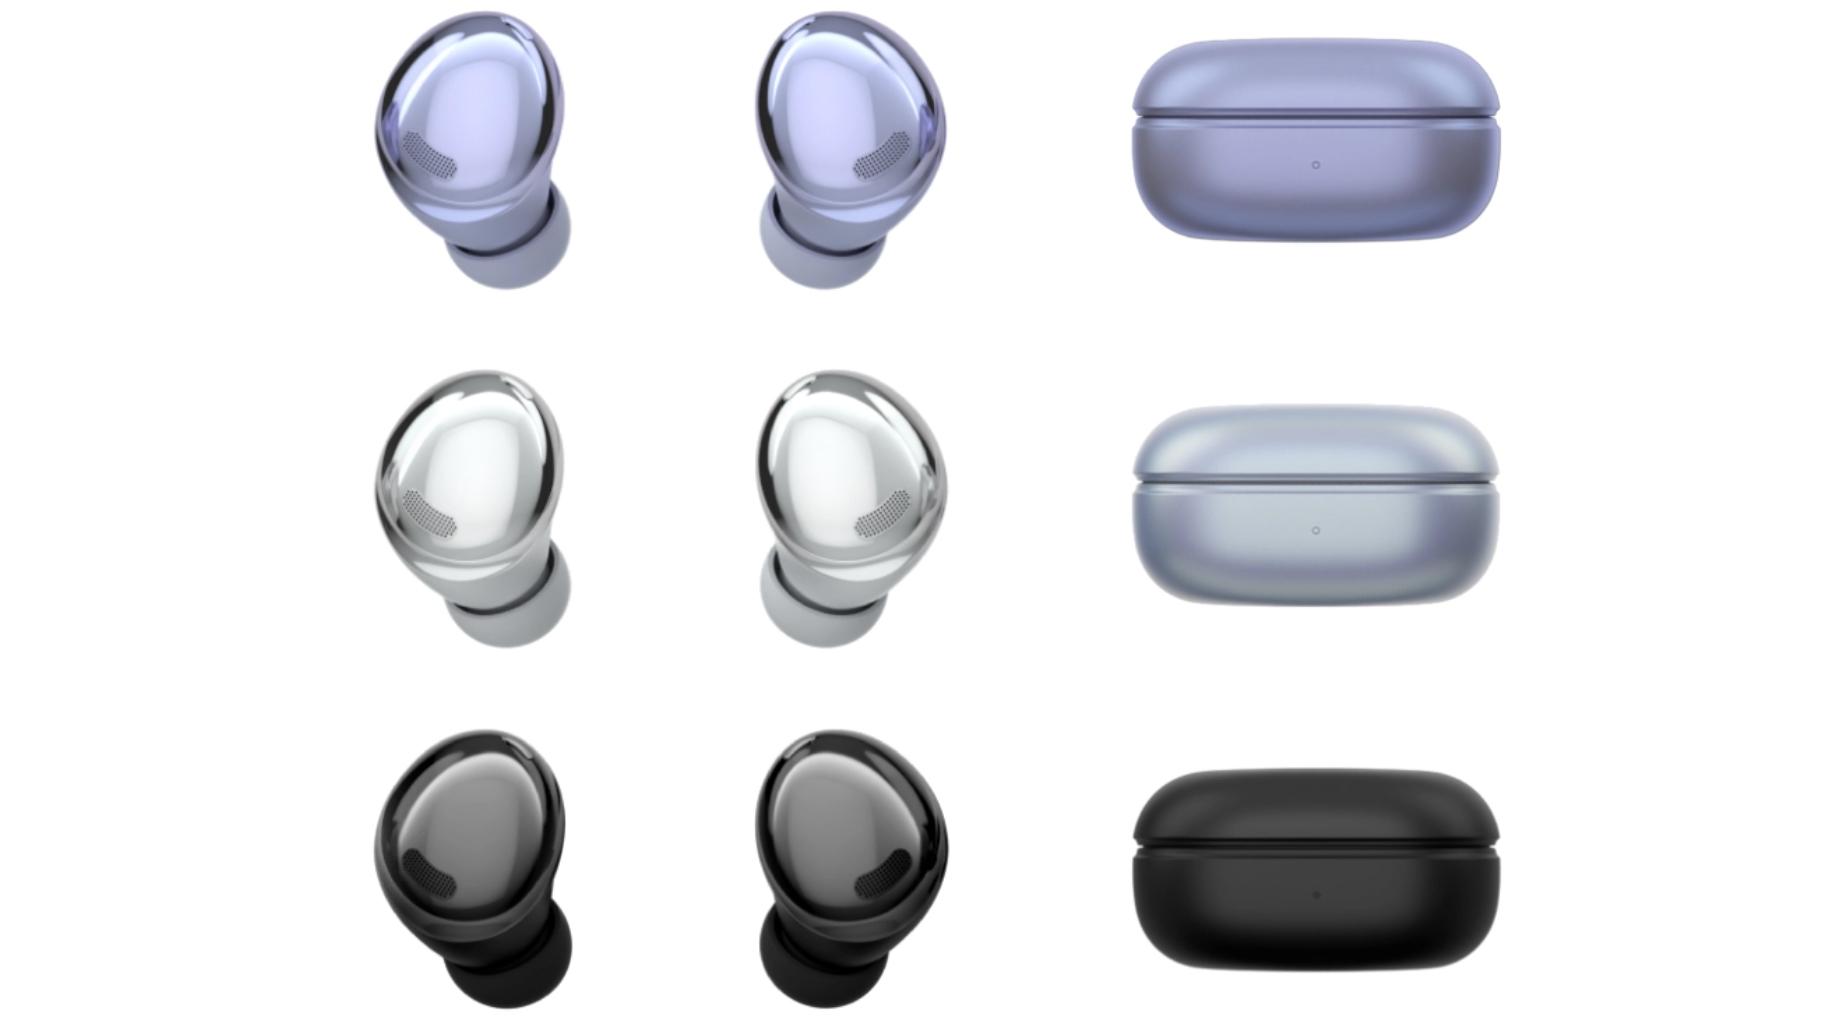 Le colorazioni di Samsung Galaxy Buds Pro